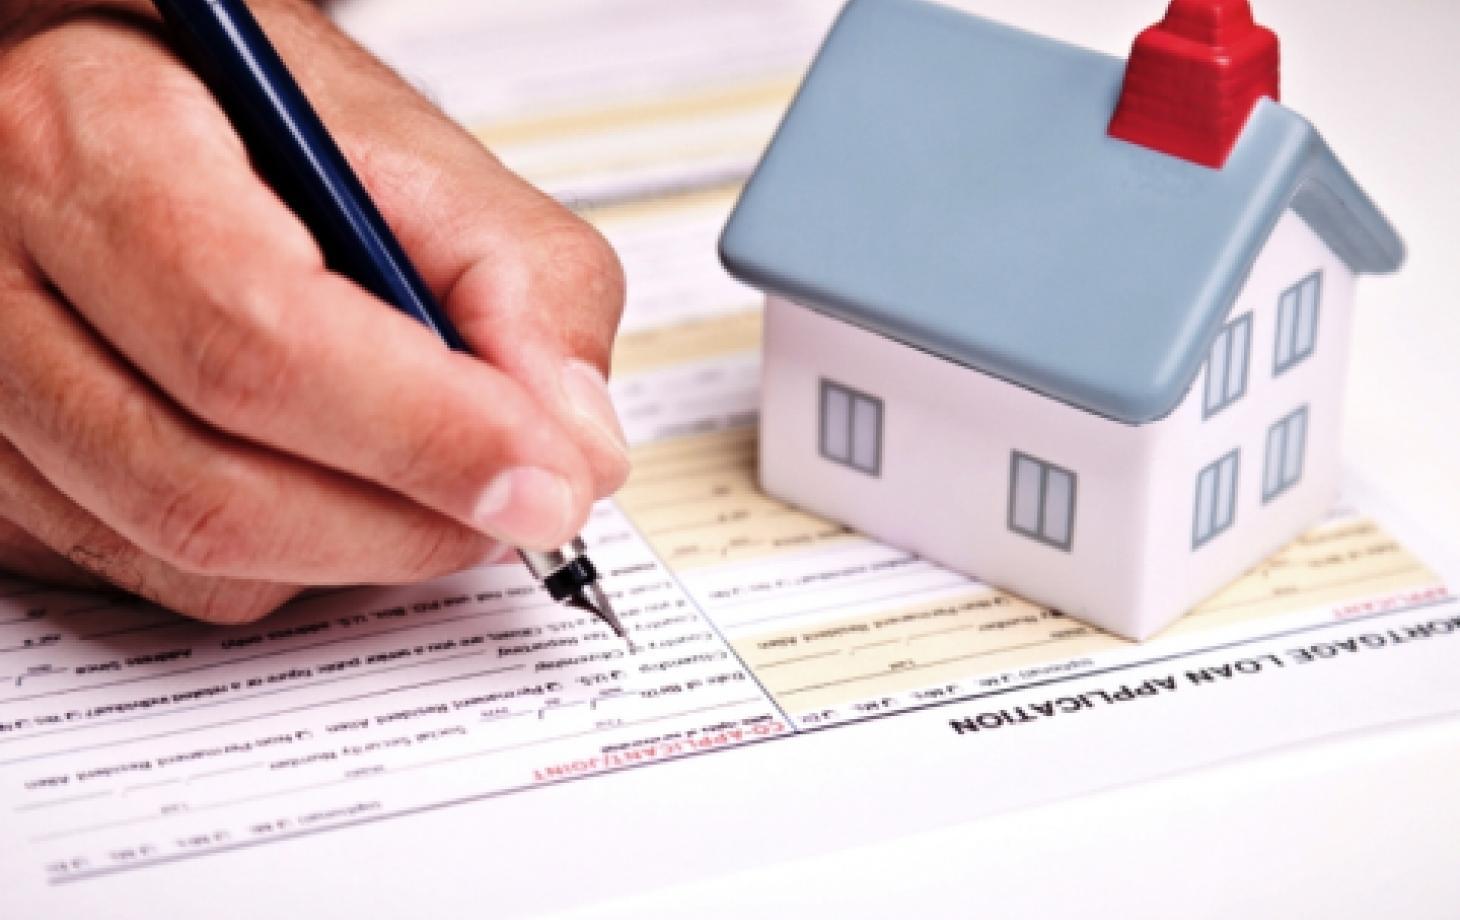 В этом году заканчивается период, когда кооперативы обязаны перевести квартиры в личную собственность